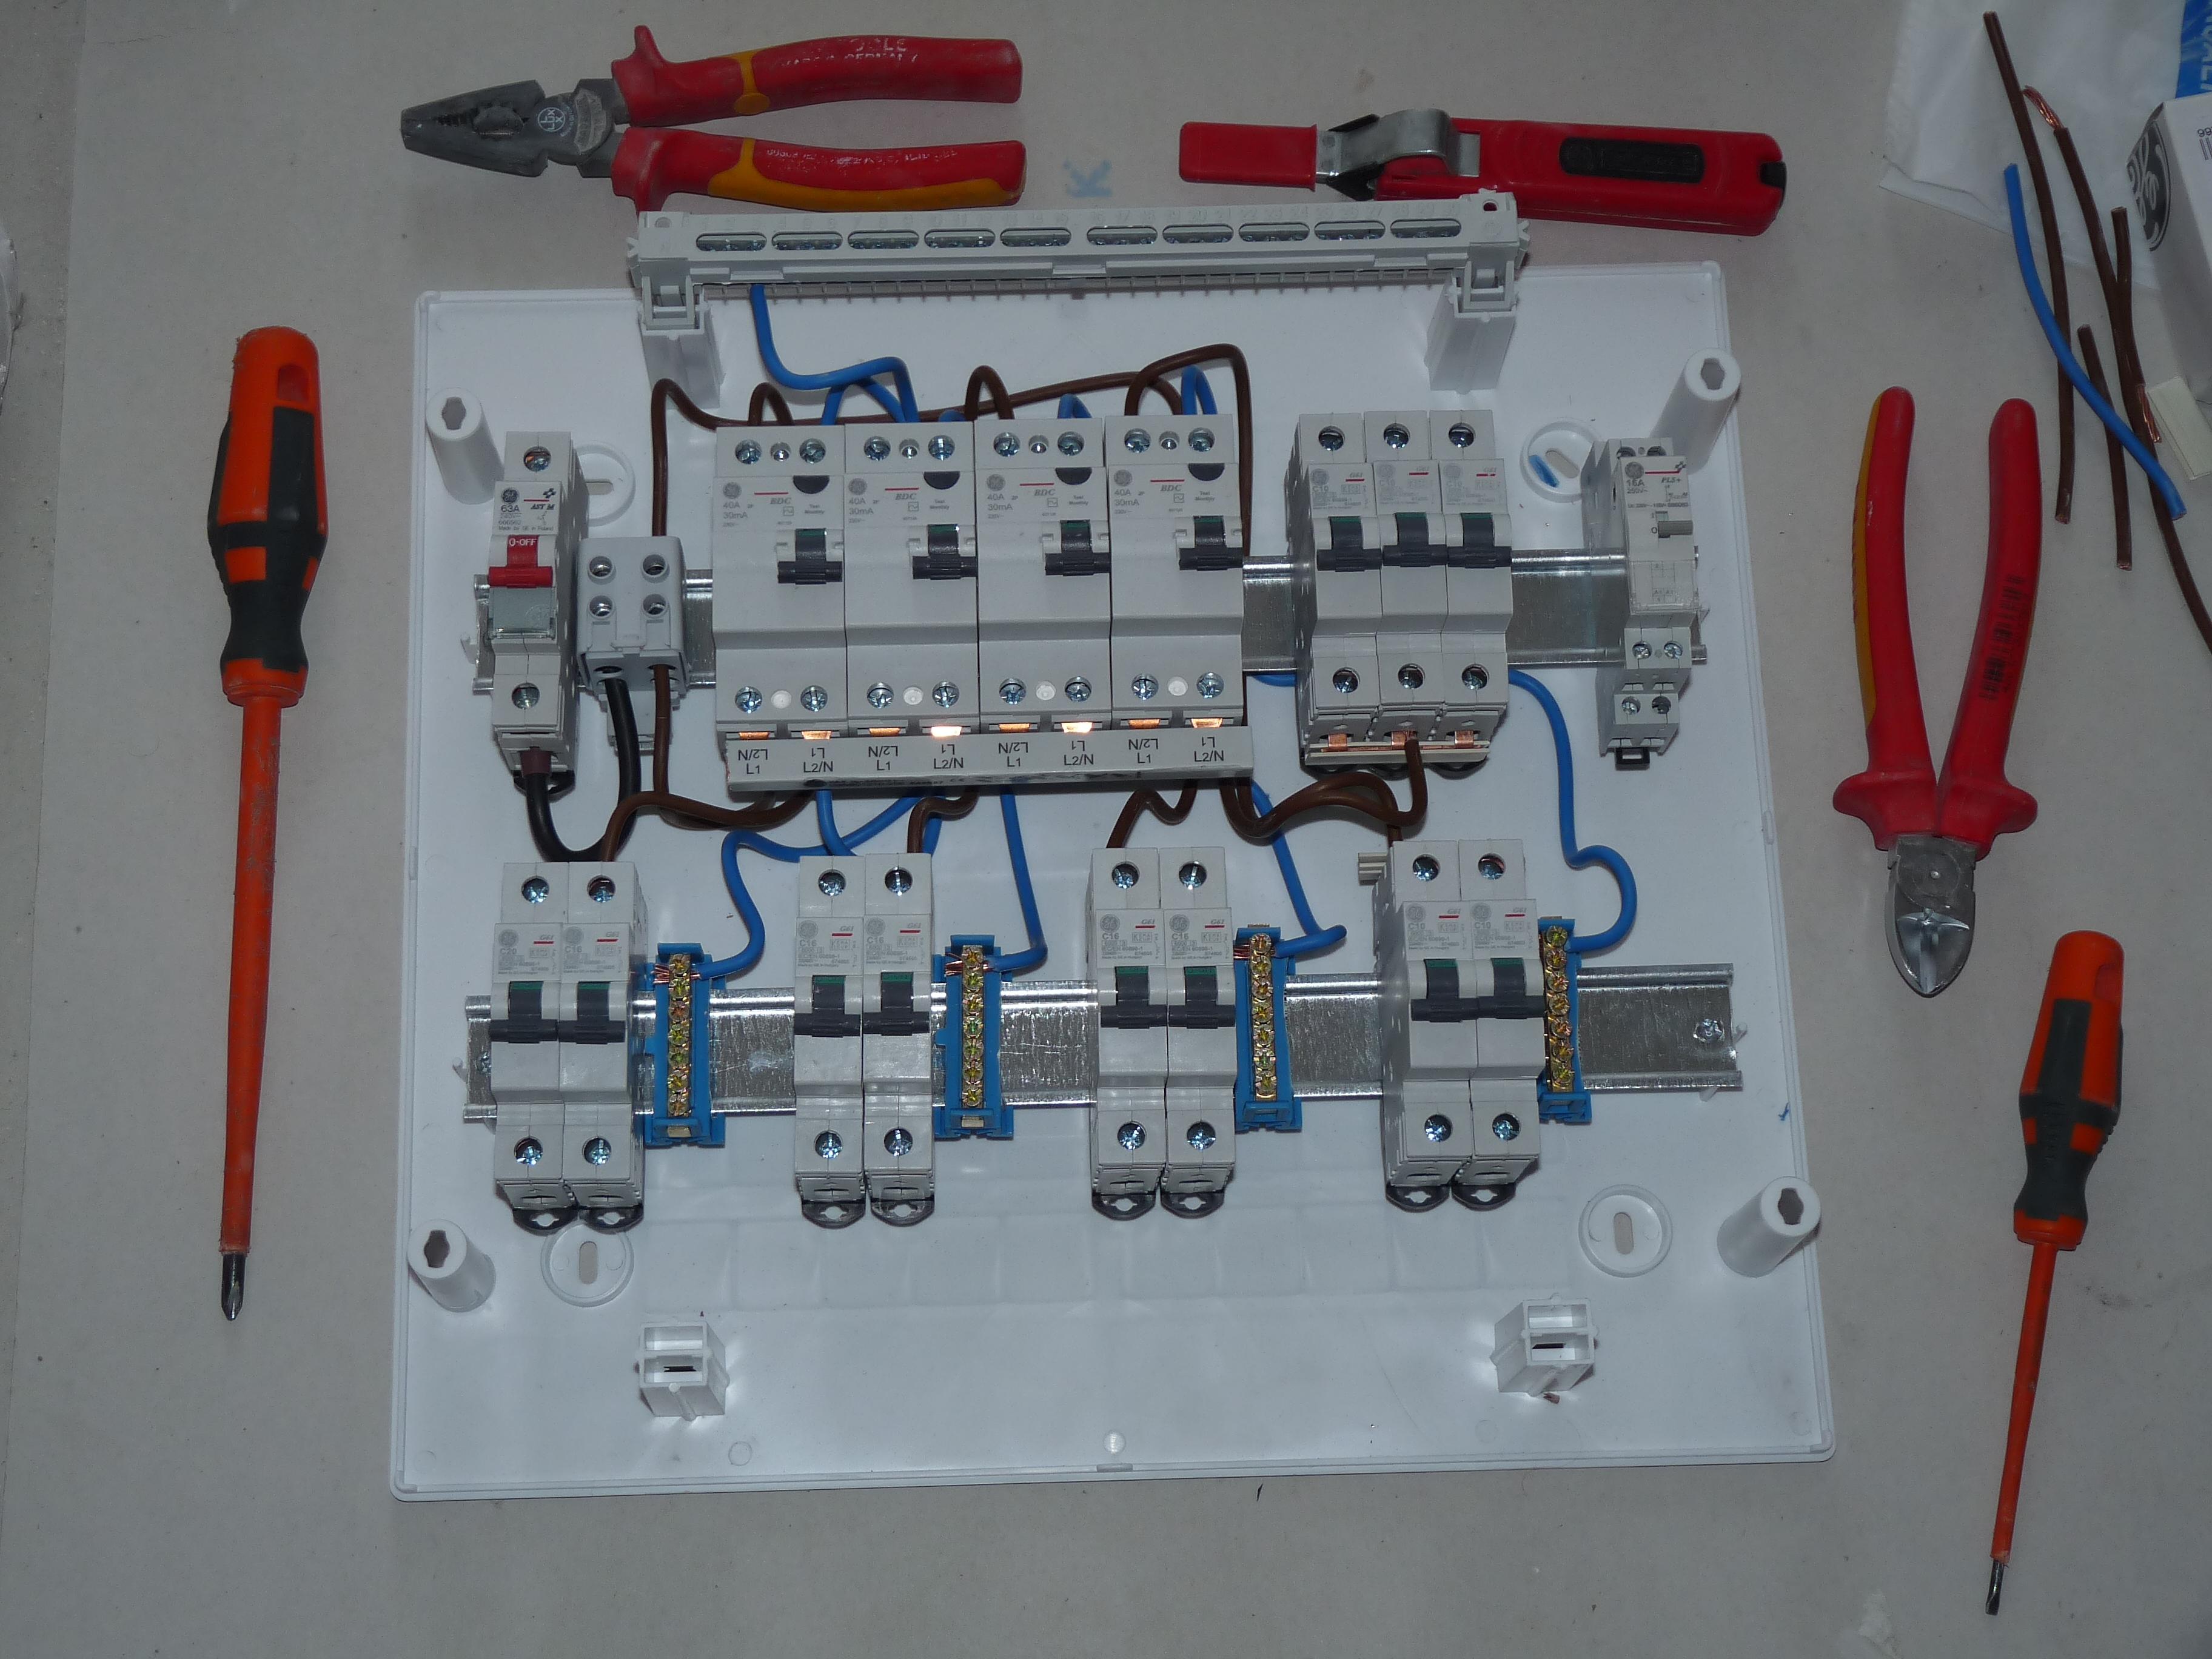 1997 f150 4x4 wiring diagram samsung dvr ford f 150 gem module